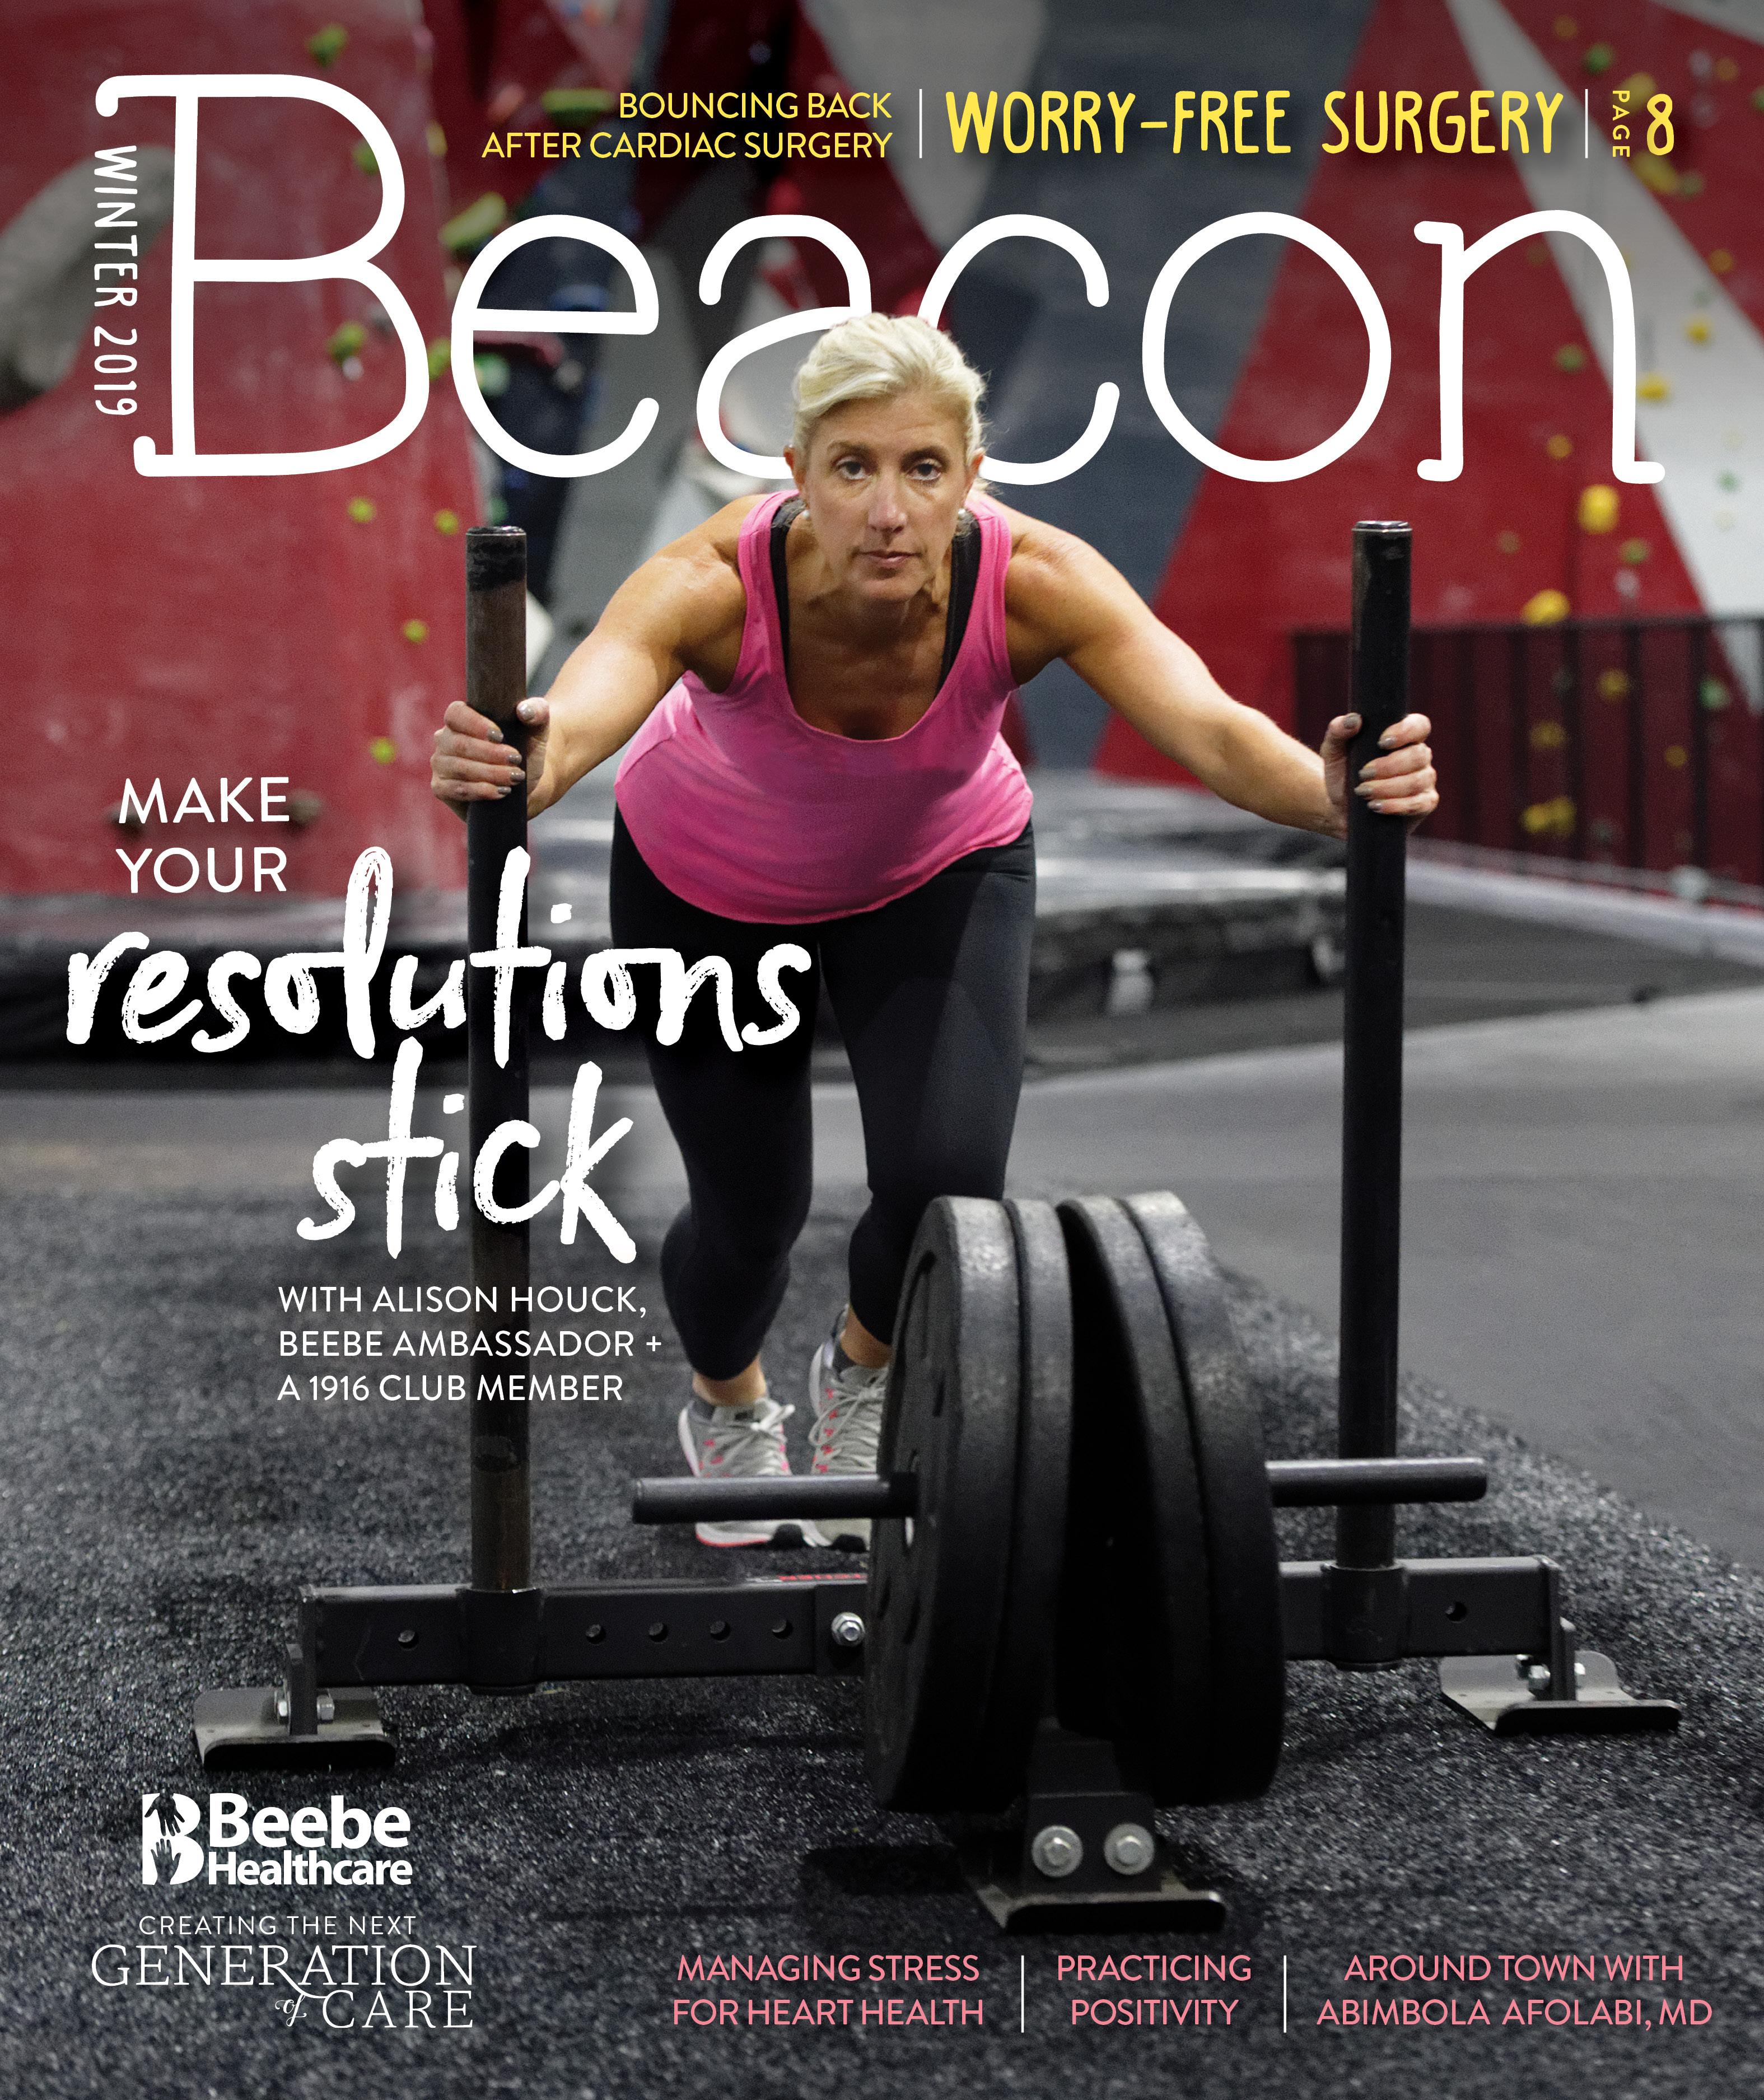 January 2019 Beacon Magazine